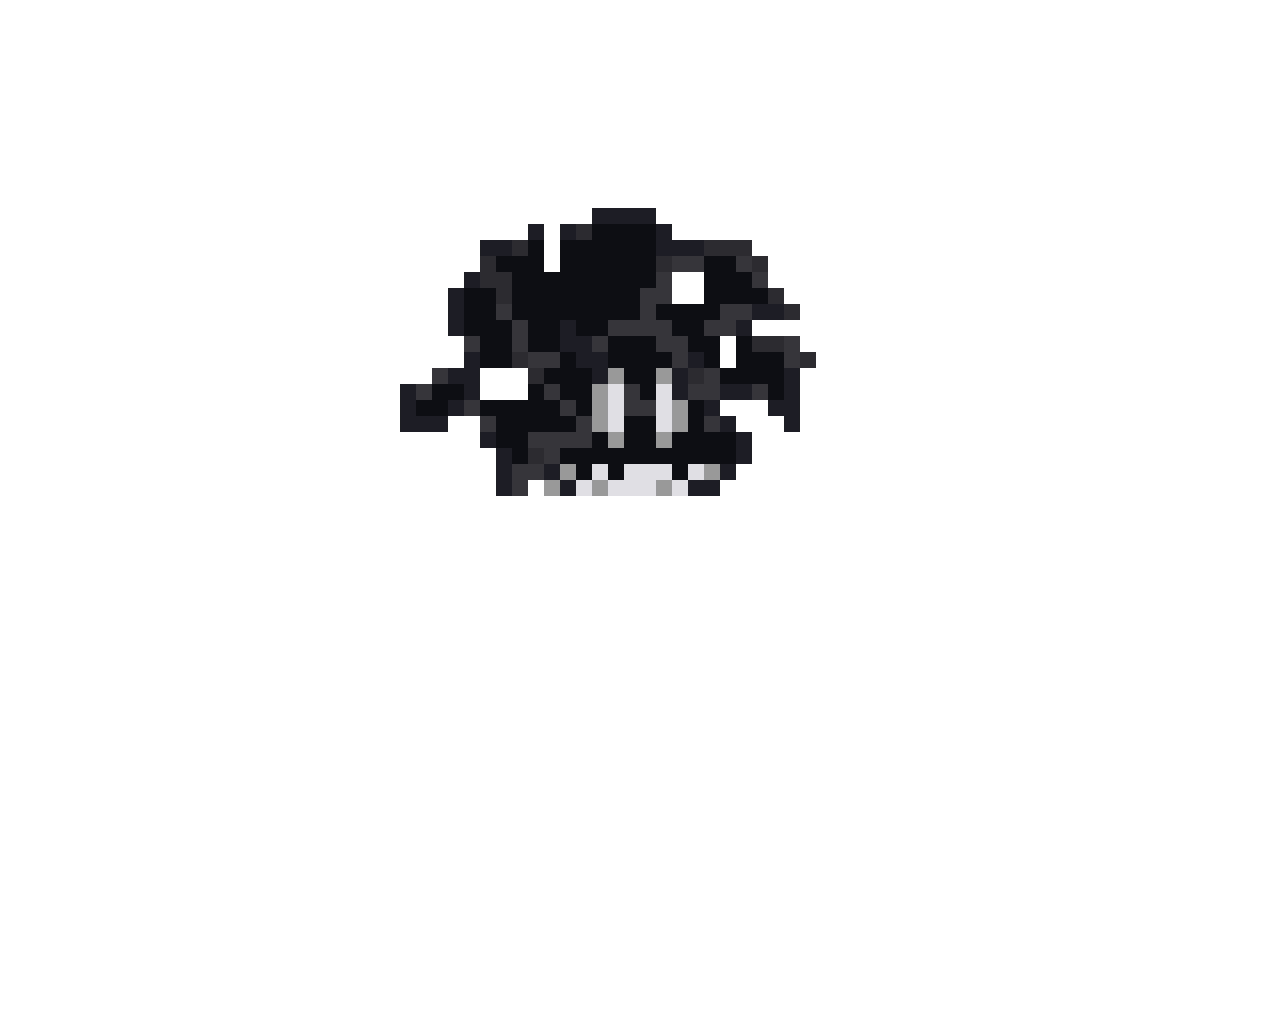 boyfriend corruption pixel icon fnf